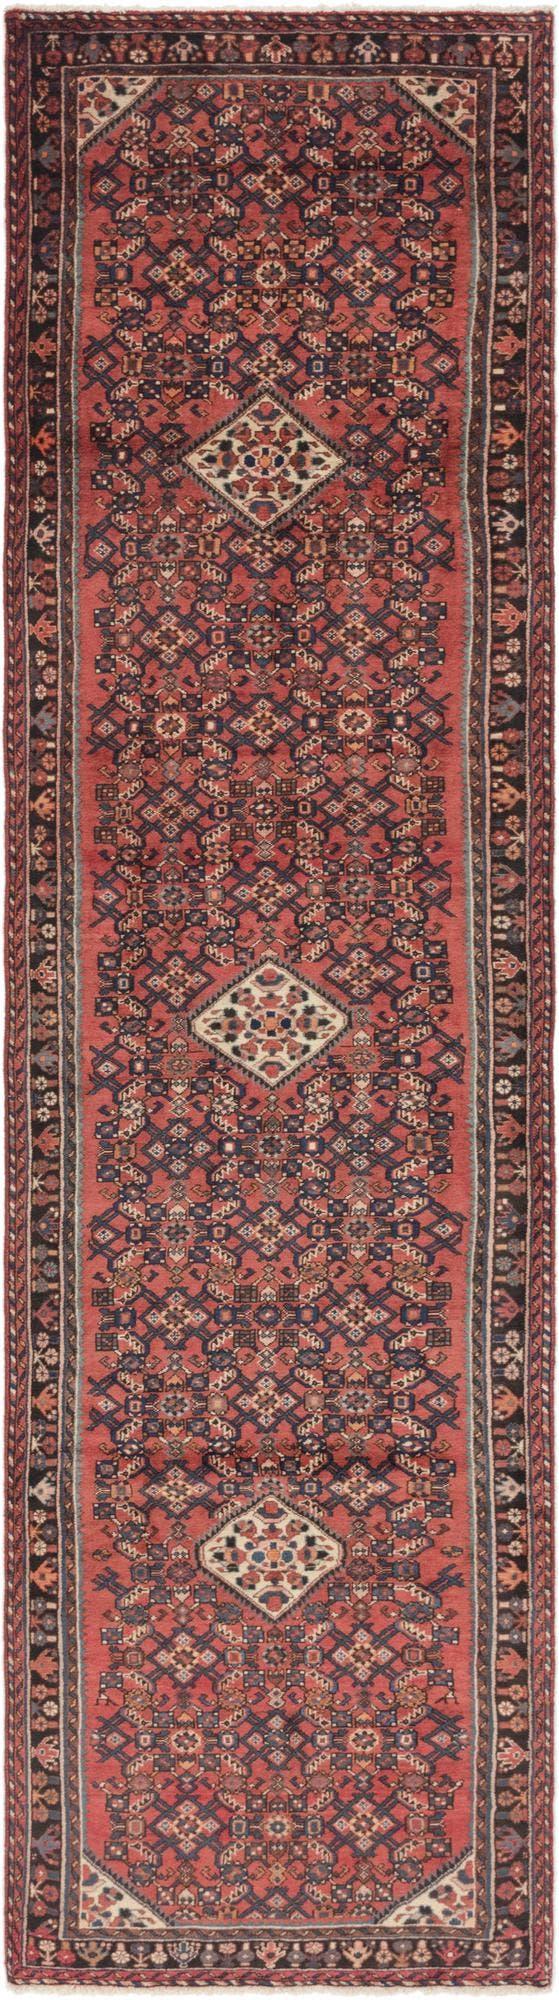 3' 7 x 13' 9 Hossainabad Persian Runner Rug main image